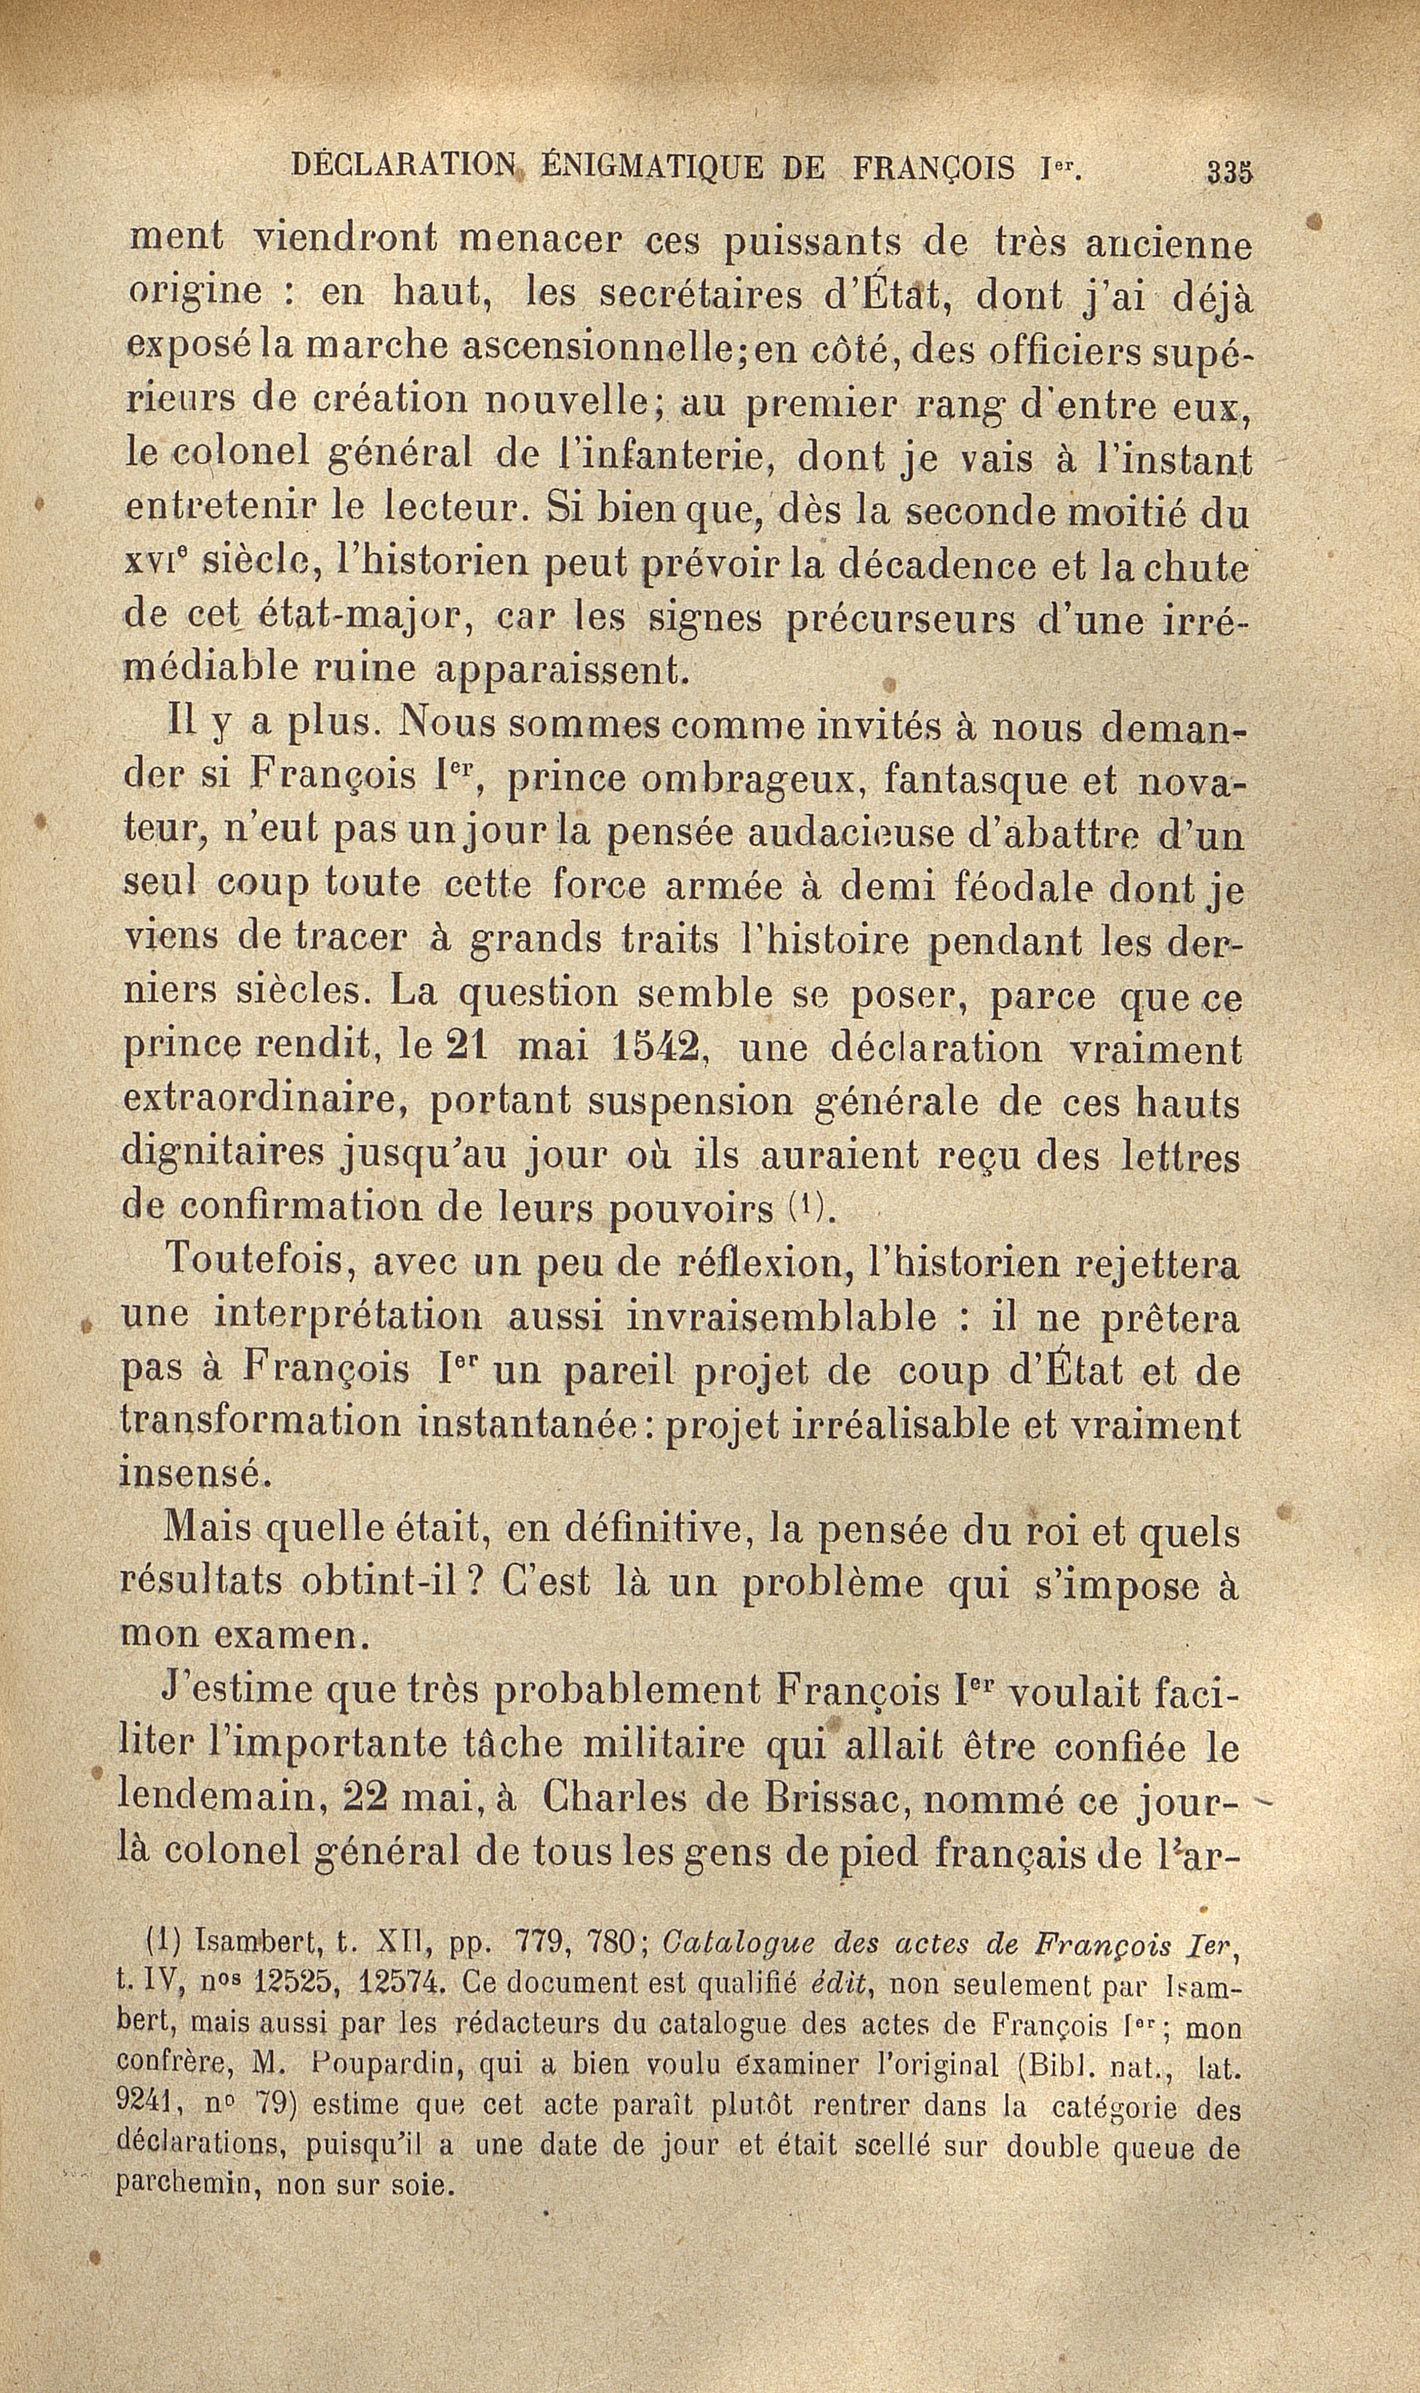 http://expo-paulviollet.univ-paris1.fr/wp-content/uploads/2016/02/0605381272_0349.jpg